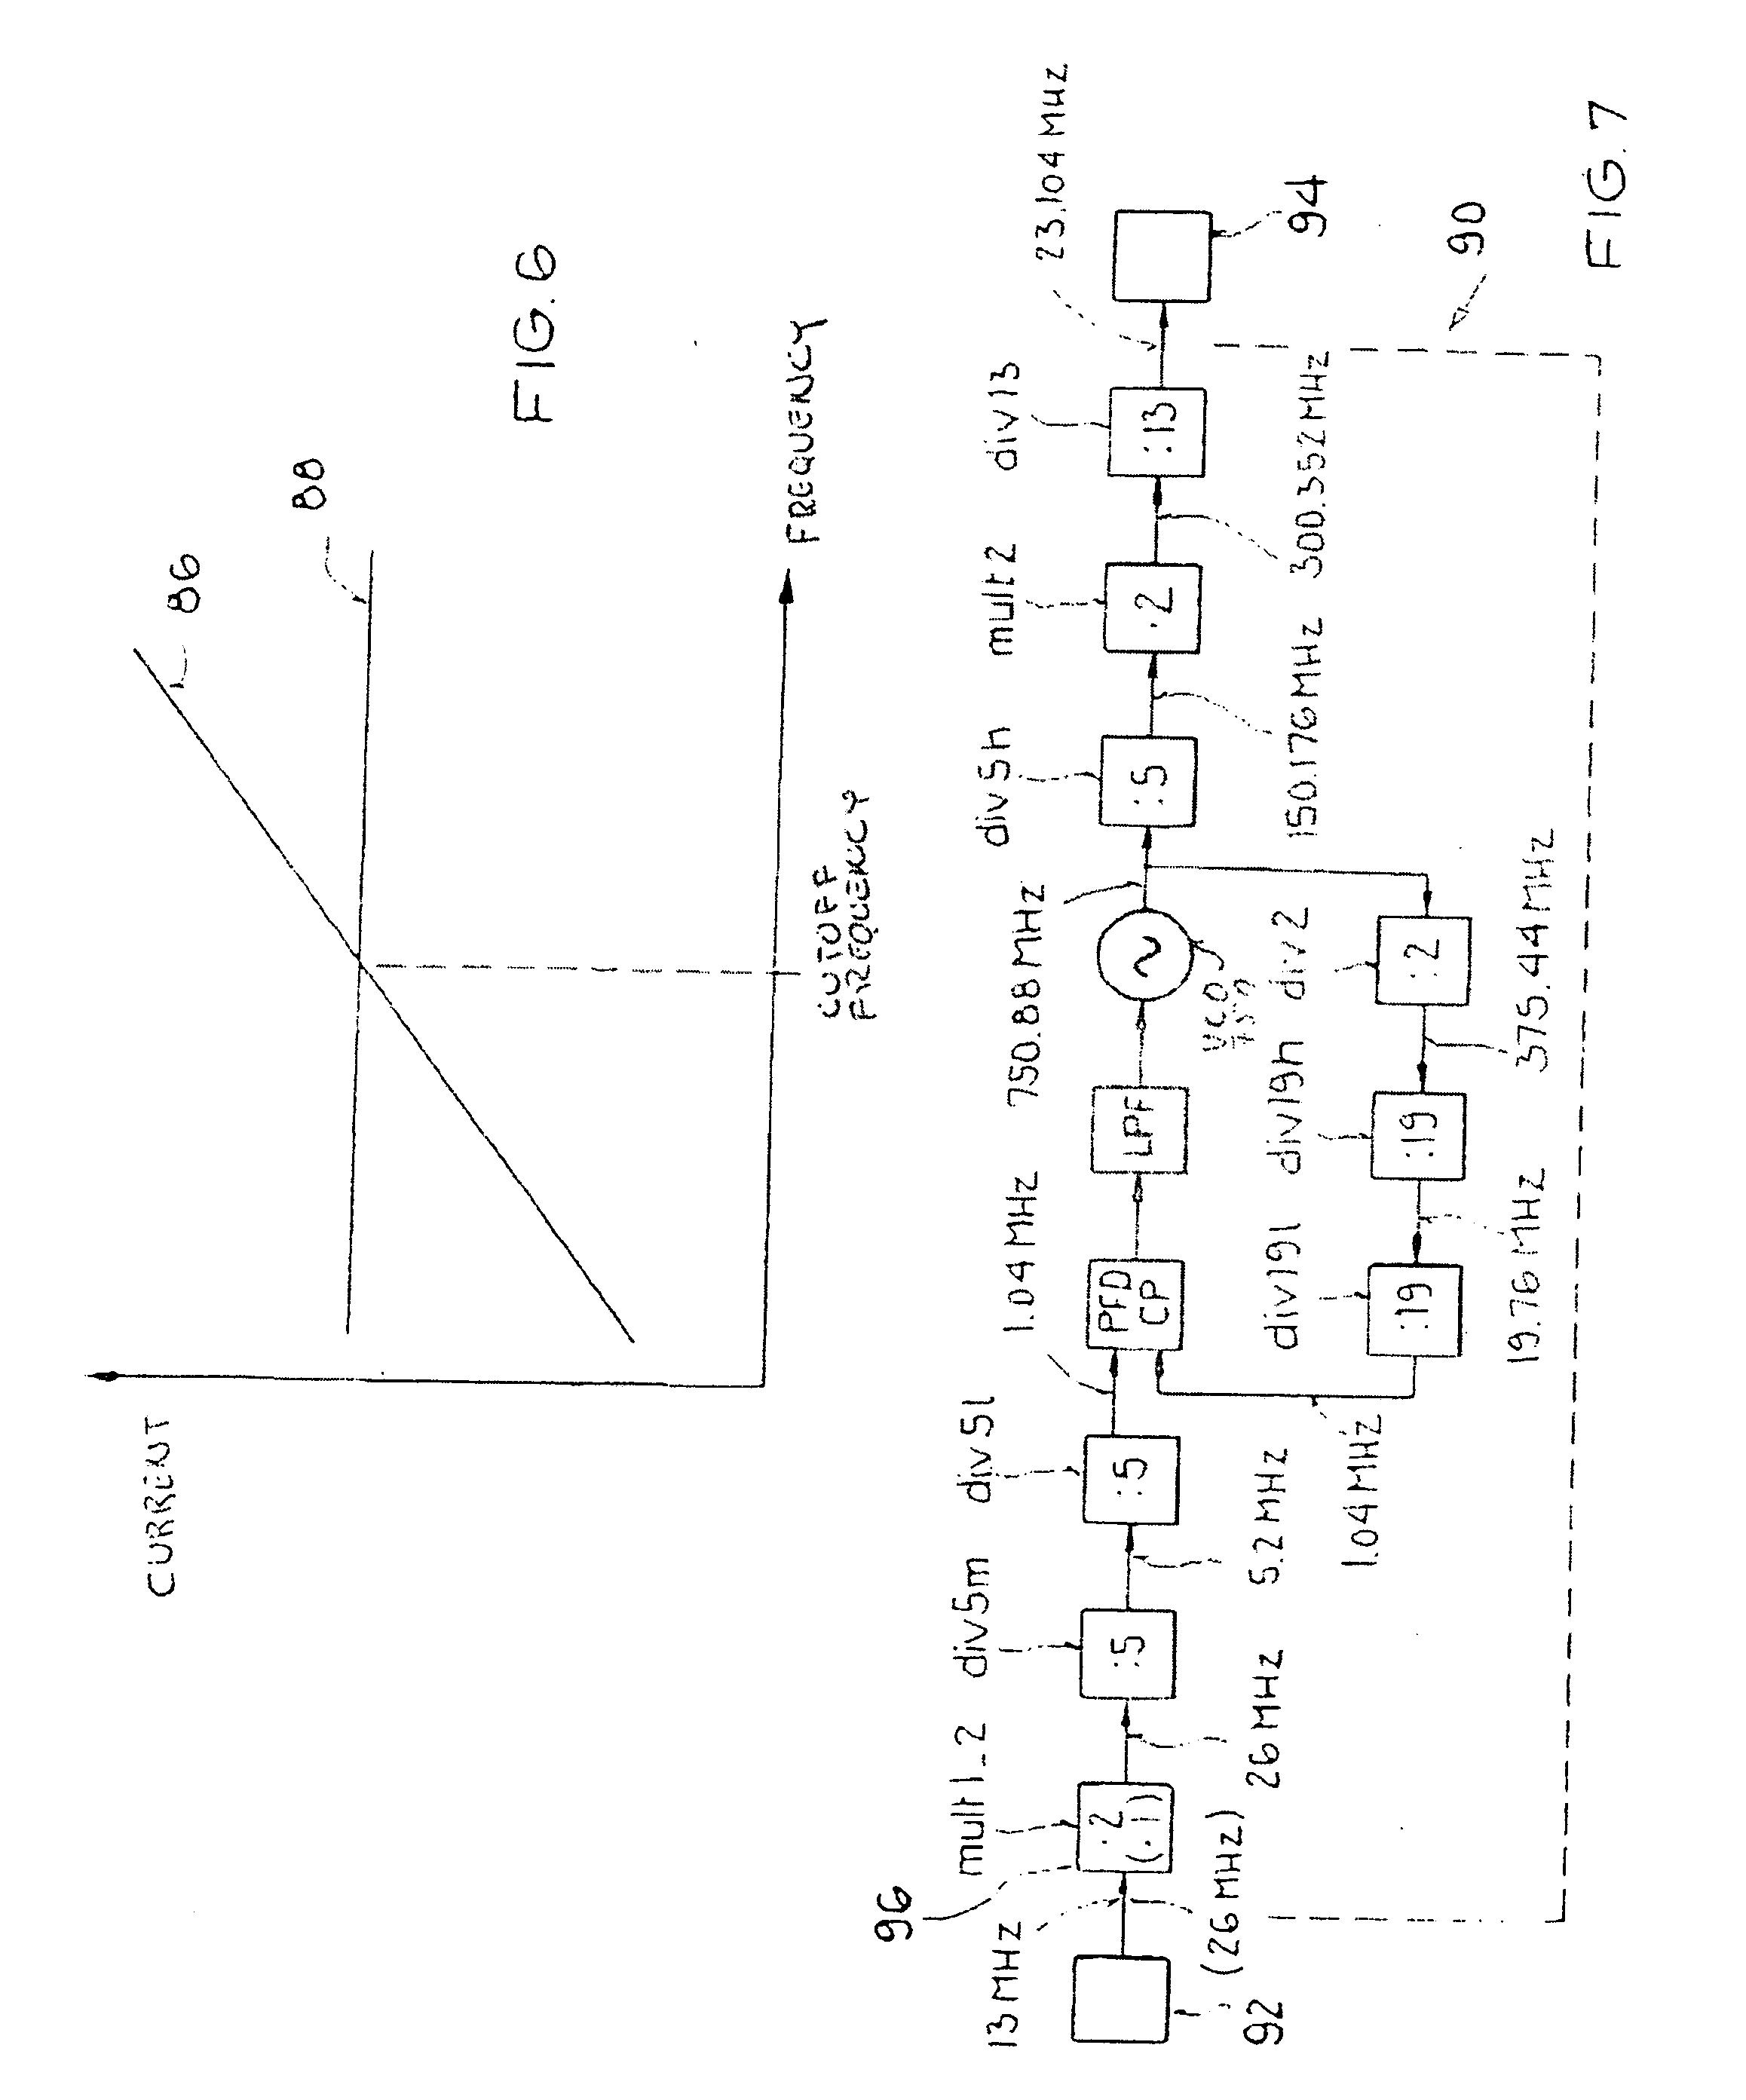 patent us20060280278